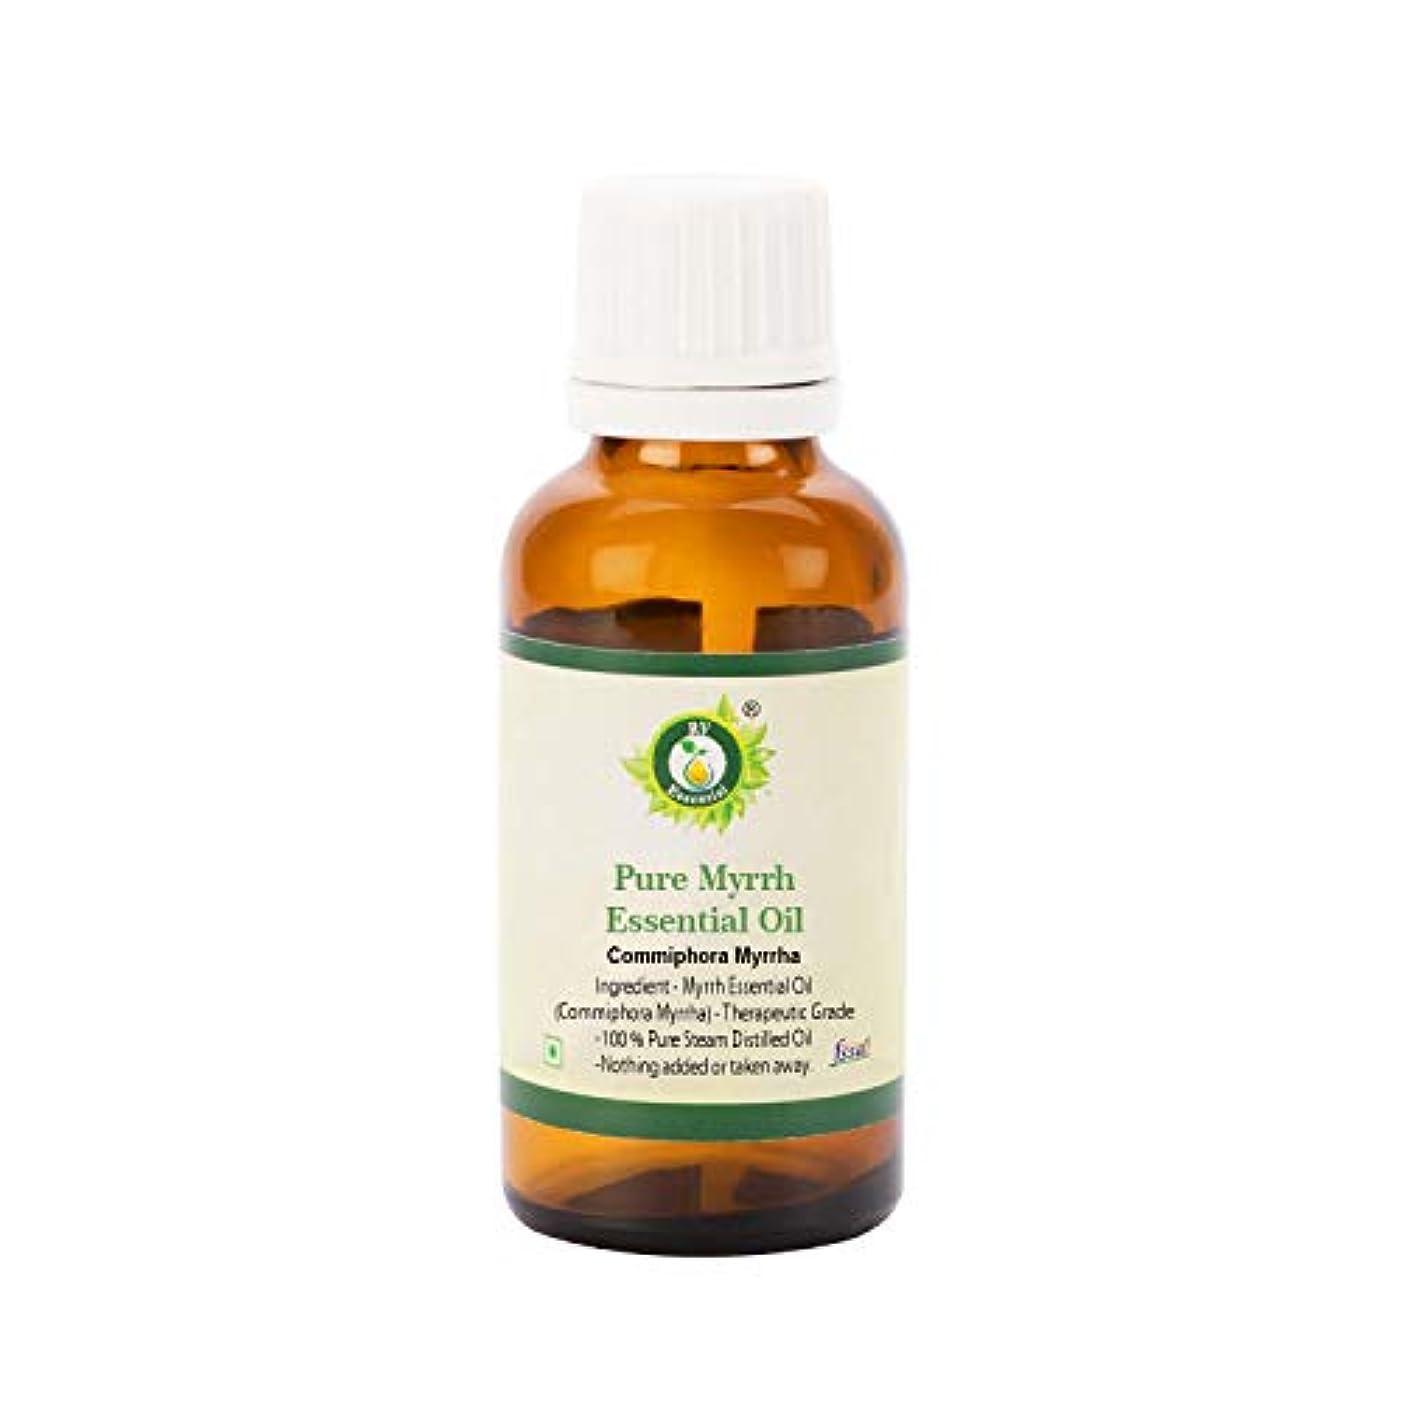 旅行答えいいねR V Essential ピュアミルラエッセンシャルオイル30ml (1.01oz)- Commiphora Myrrha (100%純粋&天然スチームDistilled) Pure Myrrh Essential Oil